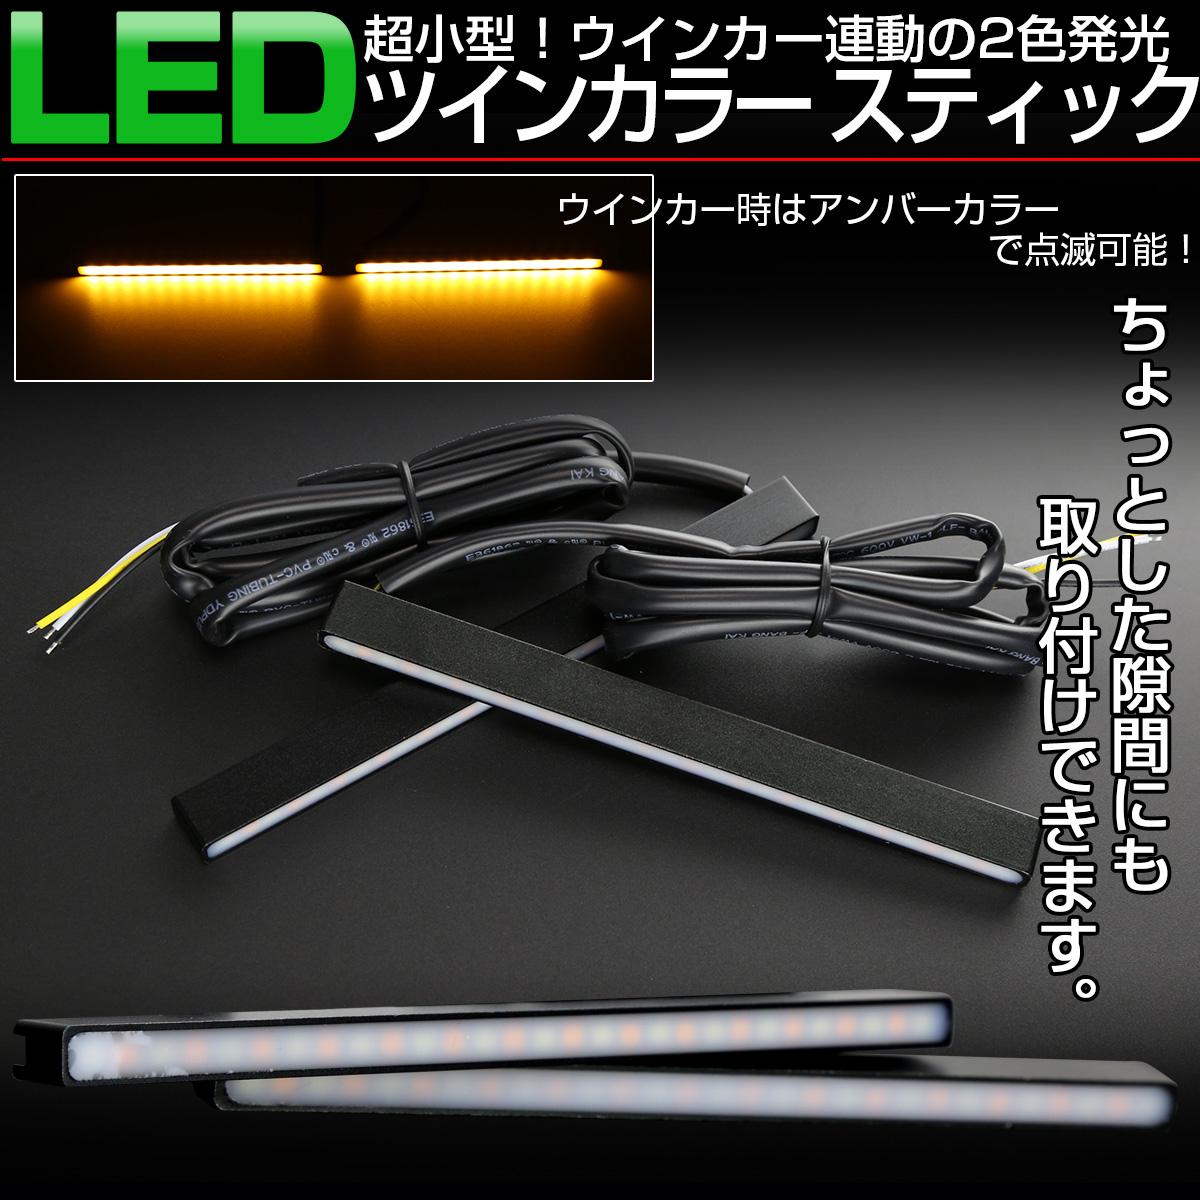 汎用 LED スティックライト ウインカー連動型 デイライト リアマーカー等に 薄型 防水アルミケース P-1